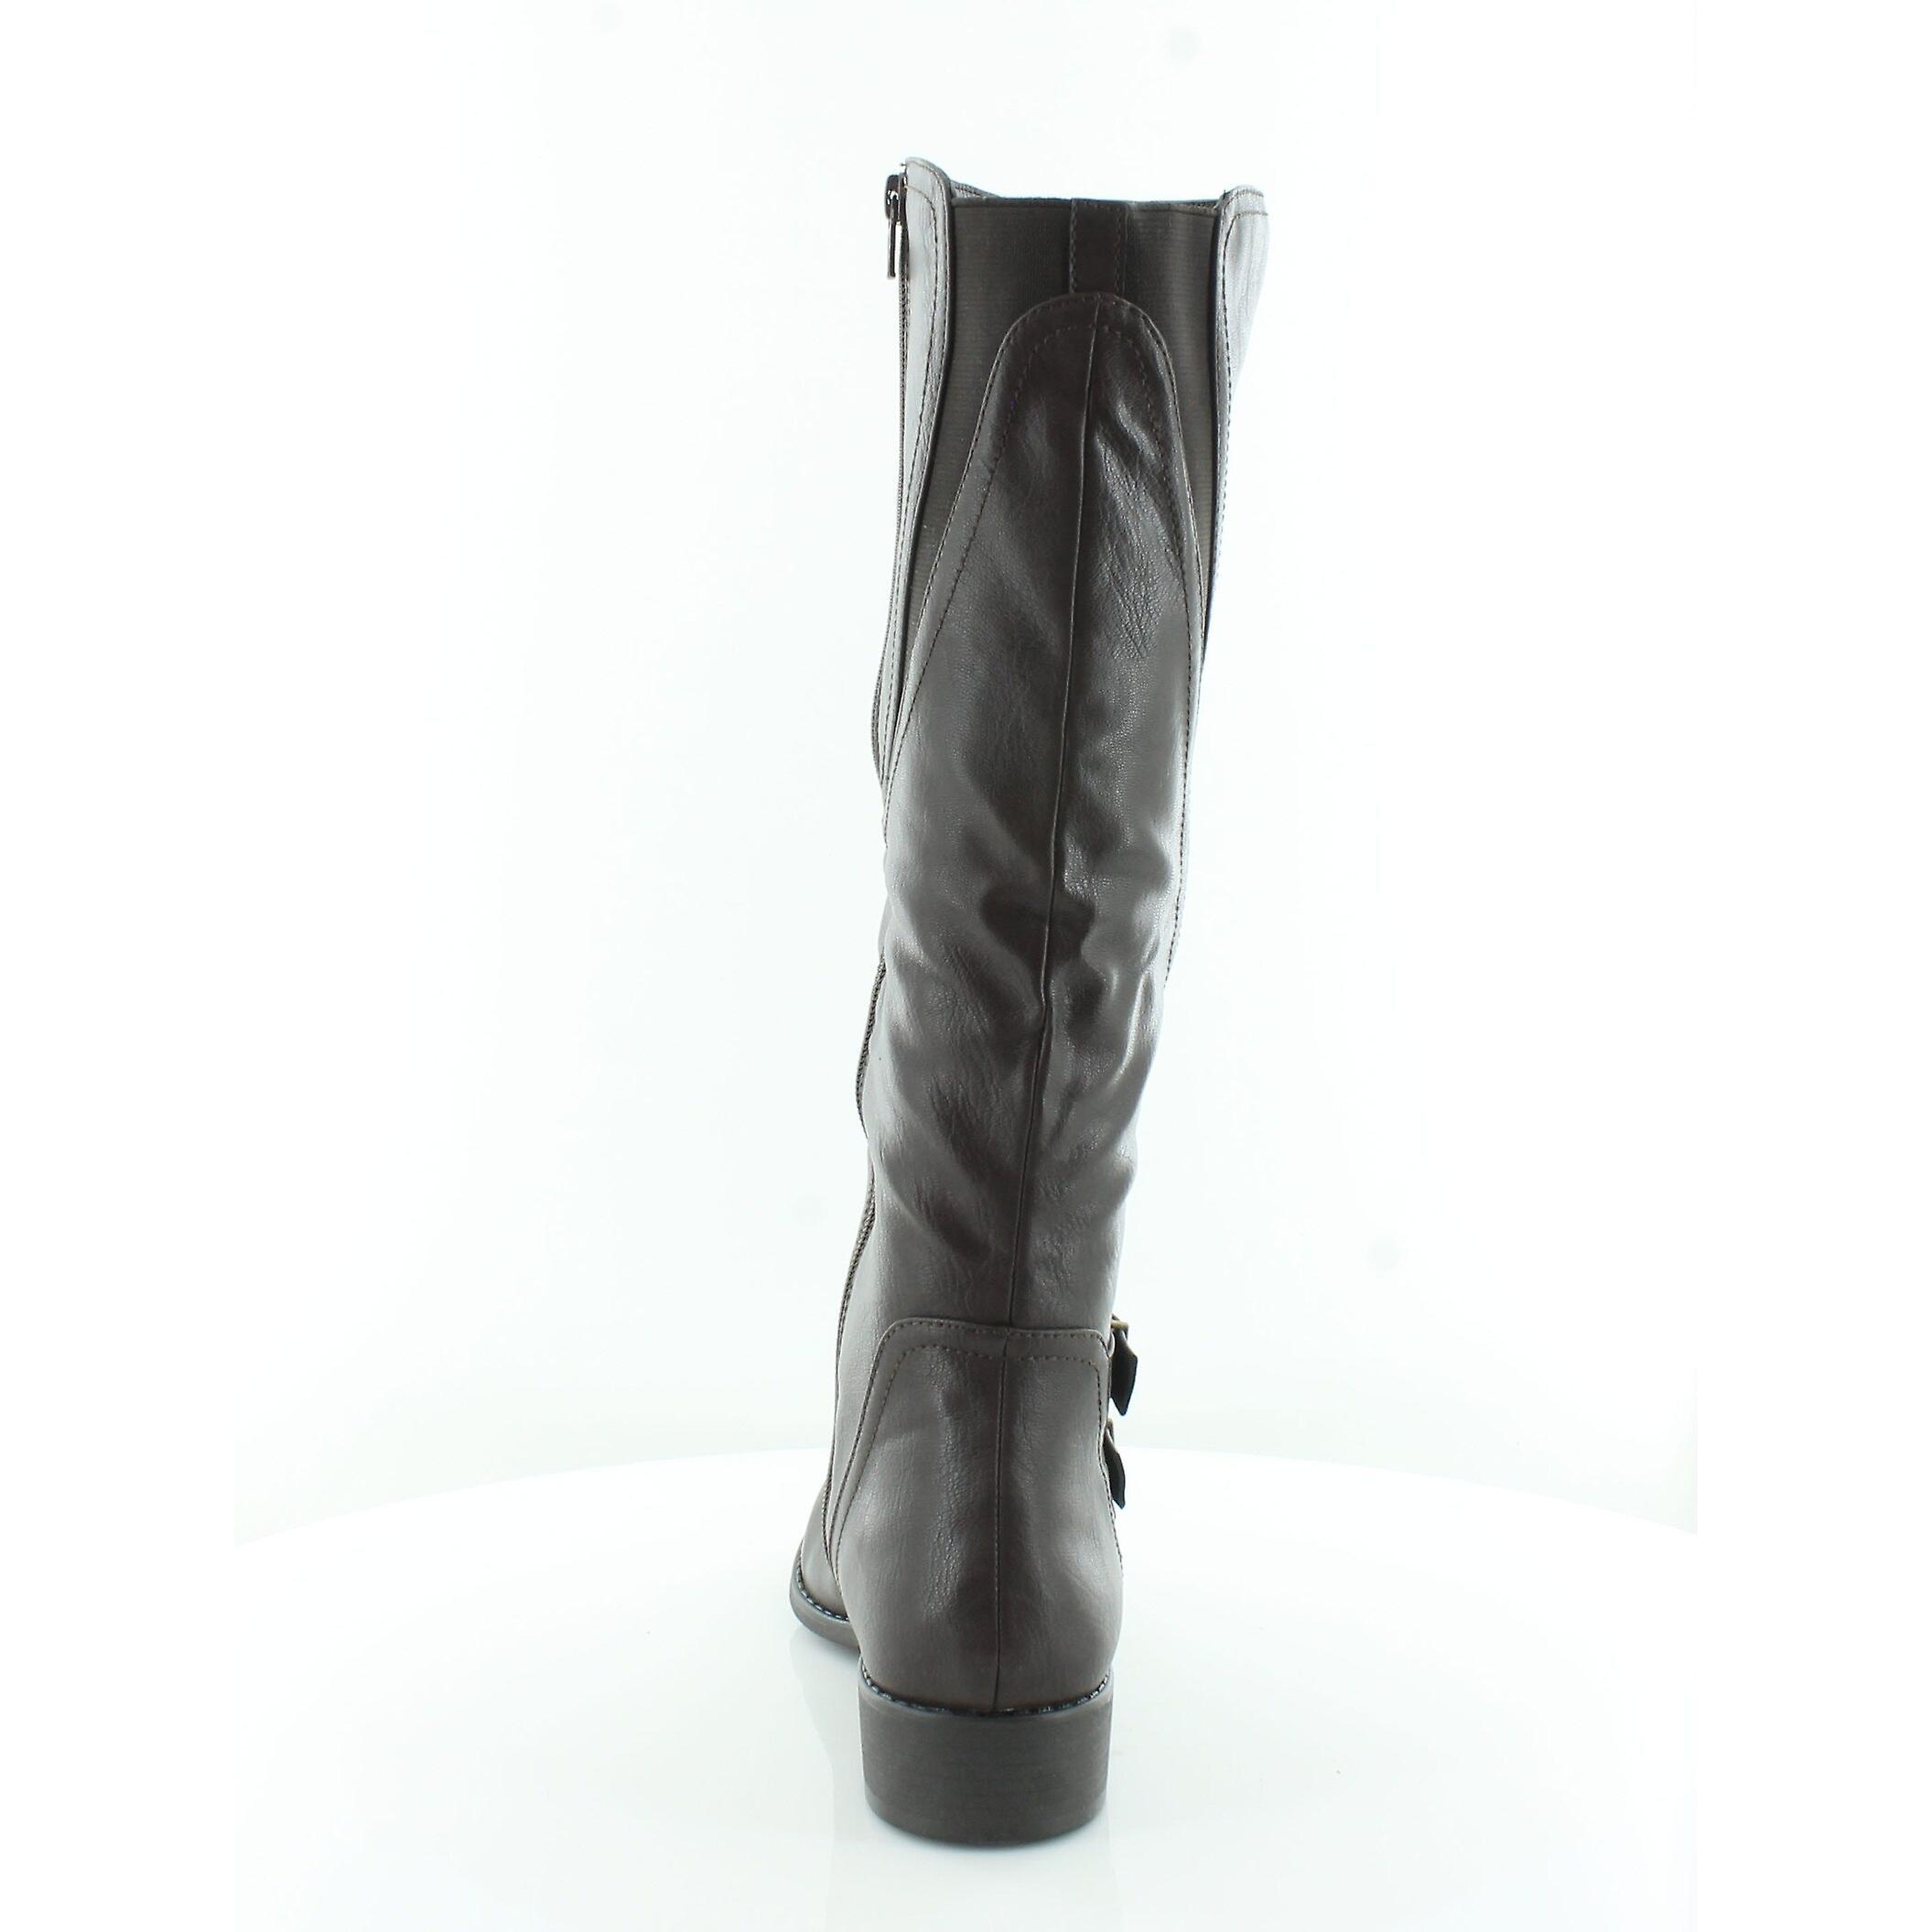 Stil & Co kvinner Milah Almond toe kne høy ridning støvler